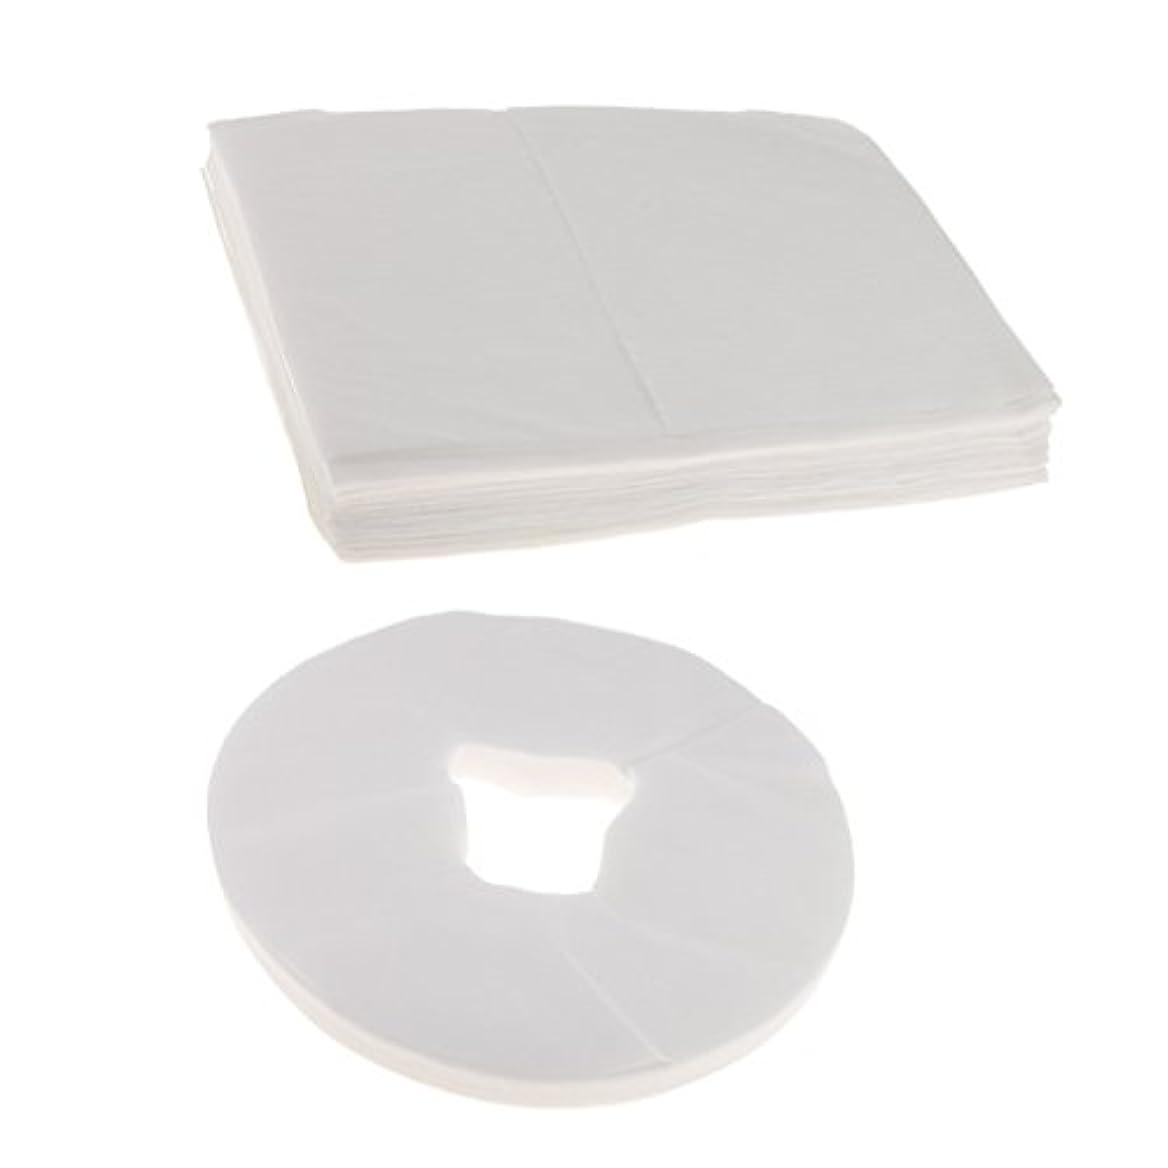 修理工フラスコカフェテリアCUTICATE 100ホワイト使い捨てマッサージテーブルフェイスクレードルクッションカバー+10ベッドシーツ